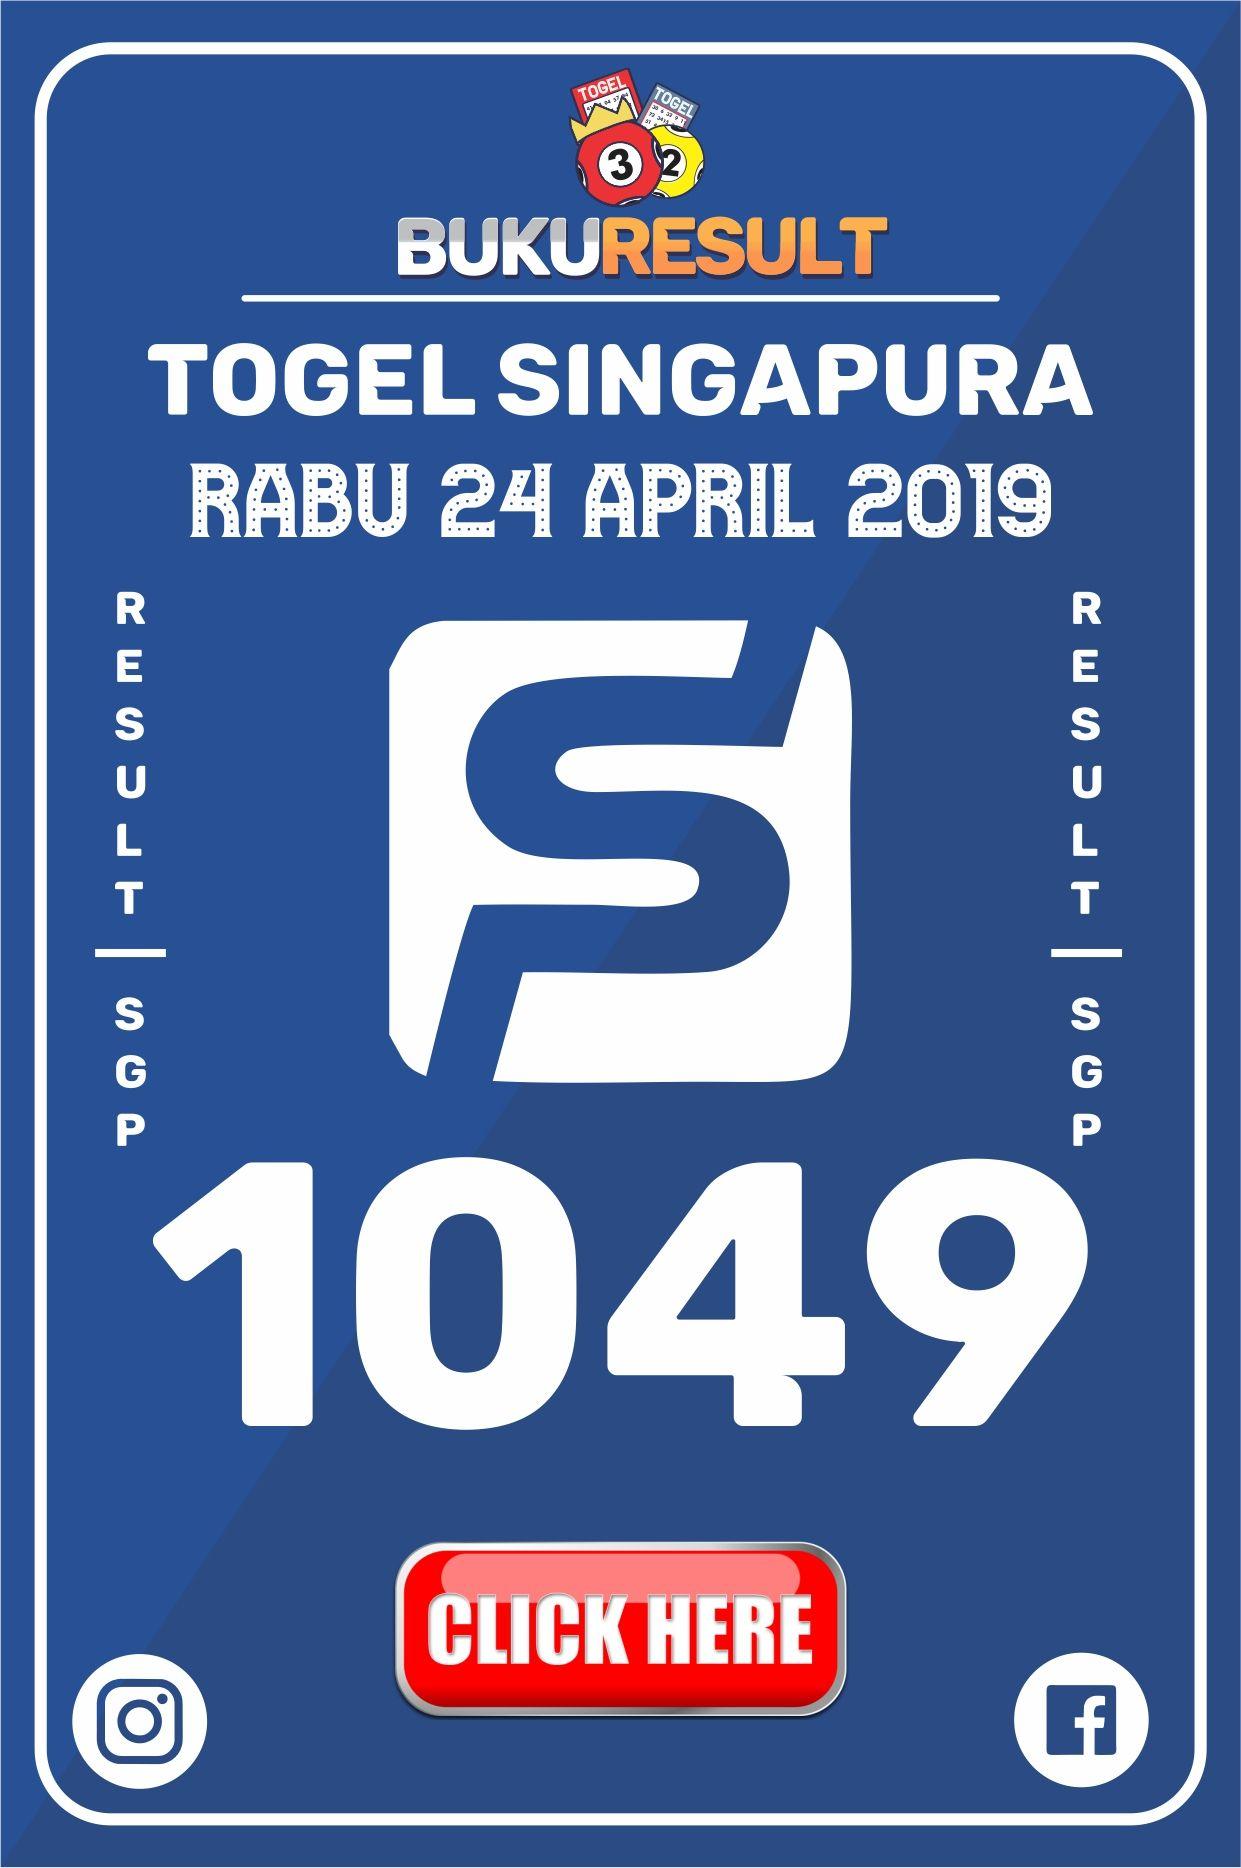 Togel singapore hari ini keluar live tercepat 2019